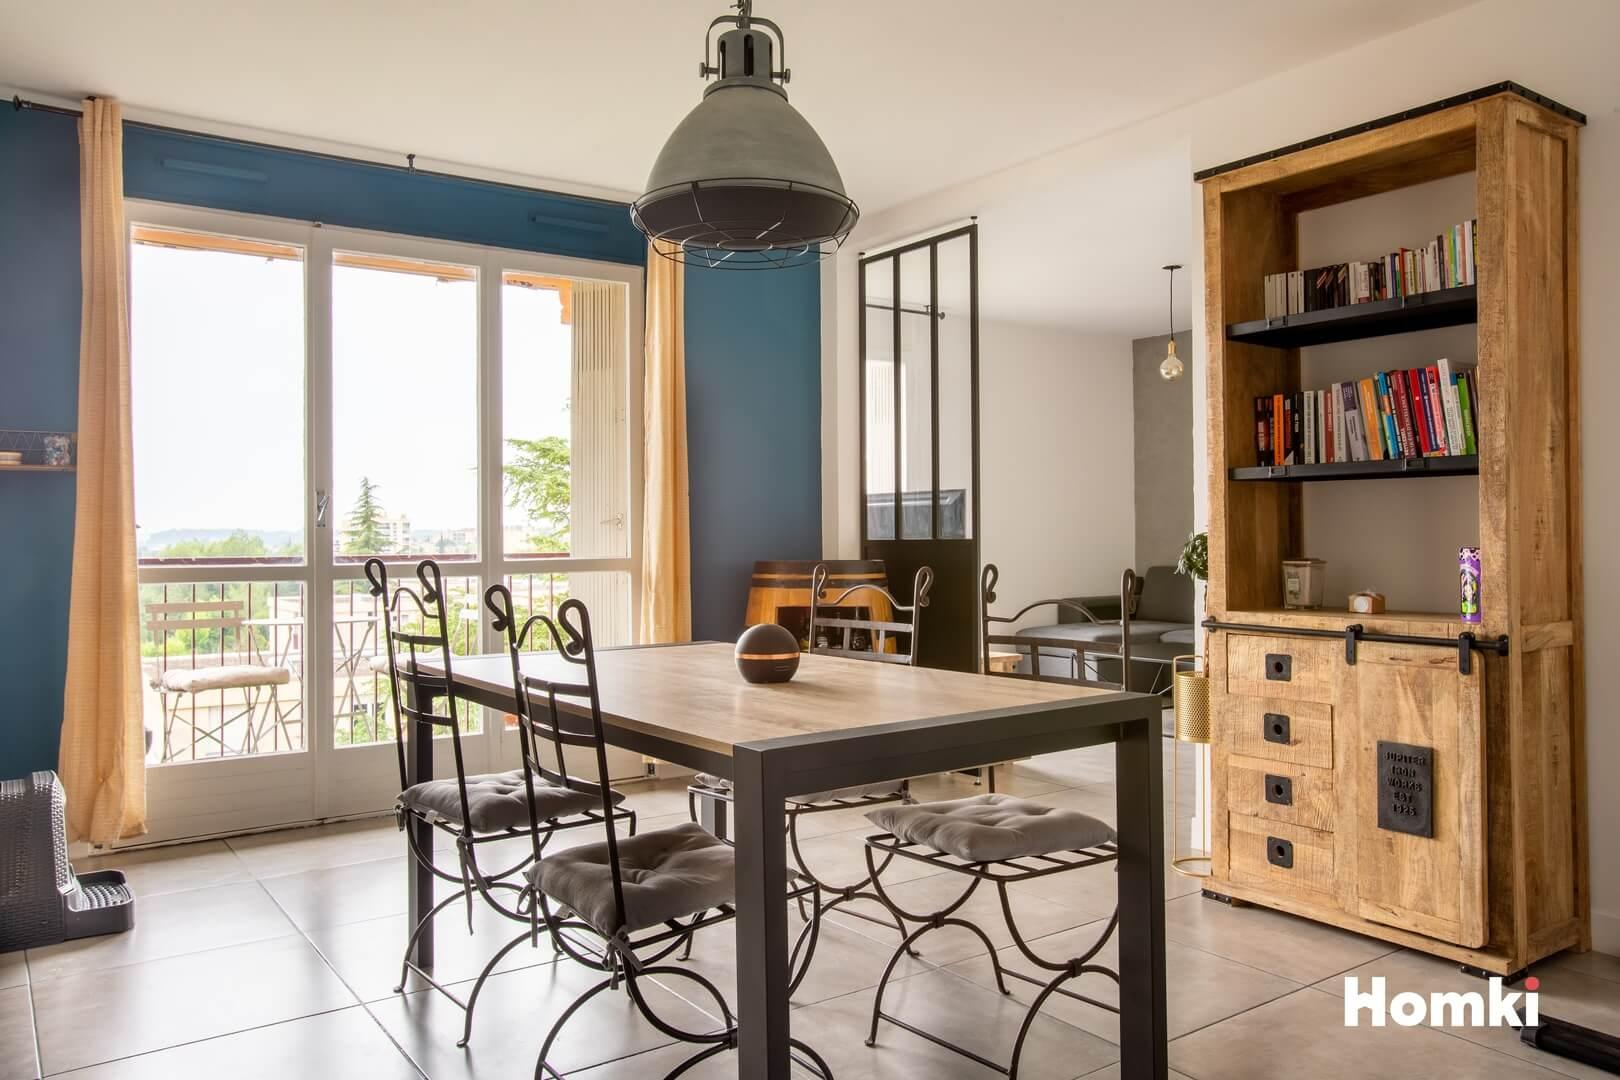 Homki - Vente Appartement  de 84.0 m² à Aix-en-Provence 13100